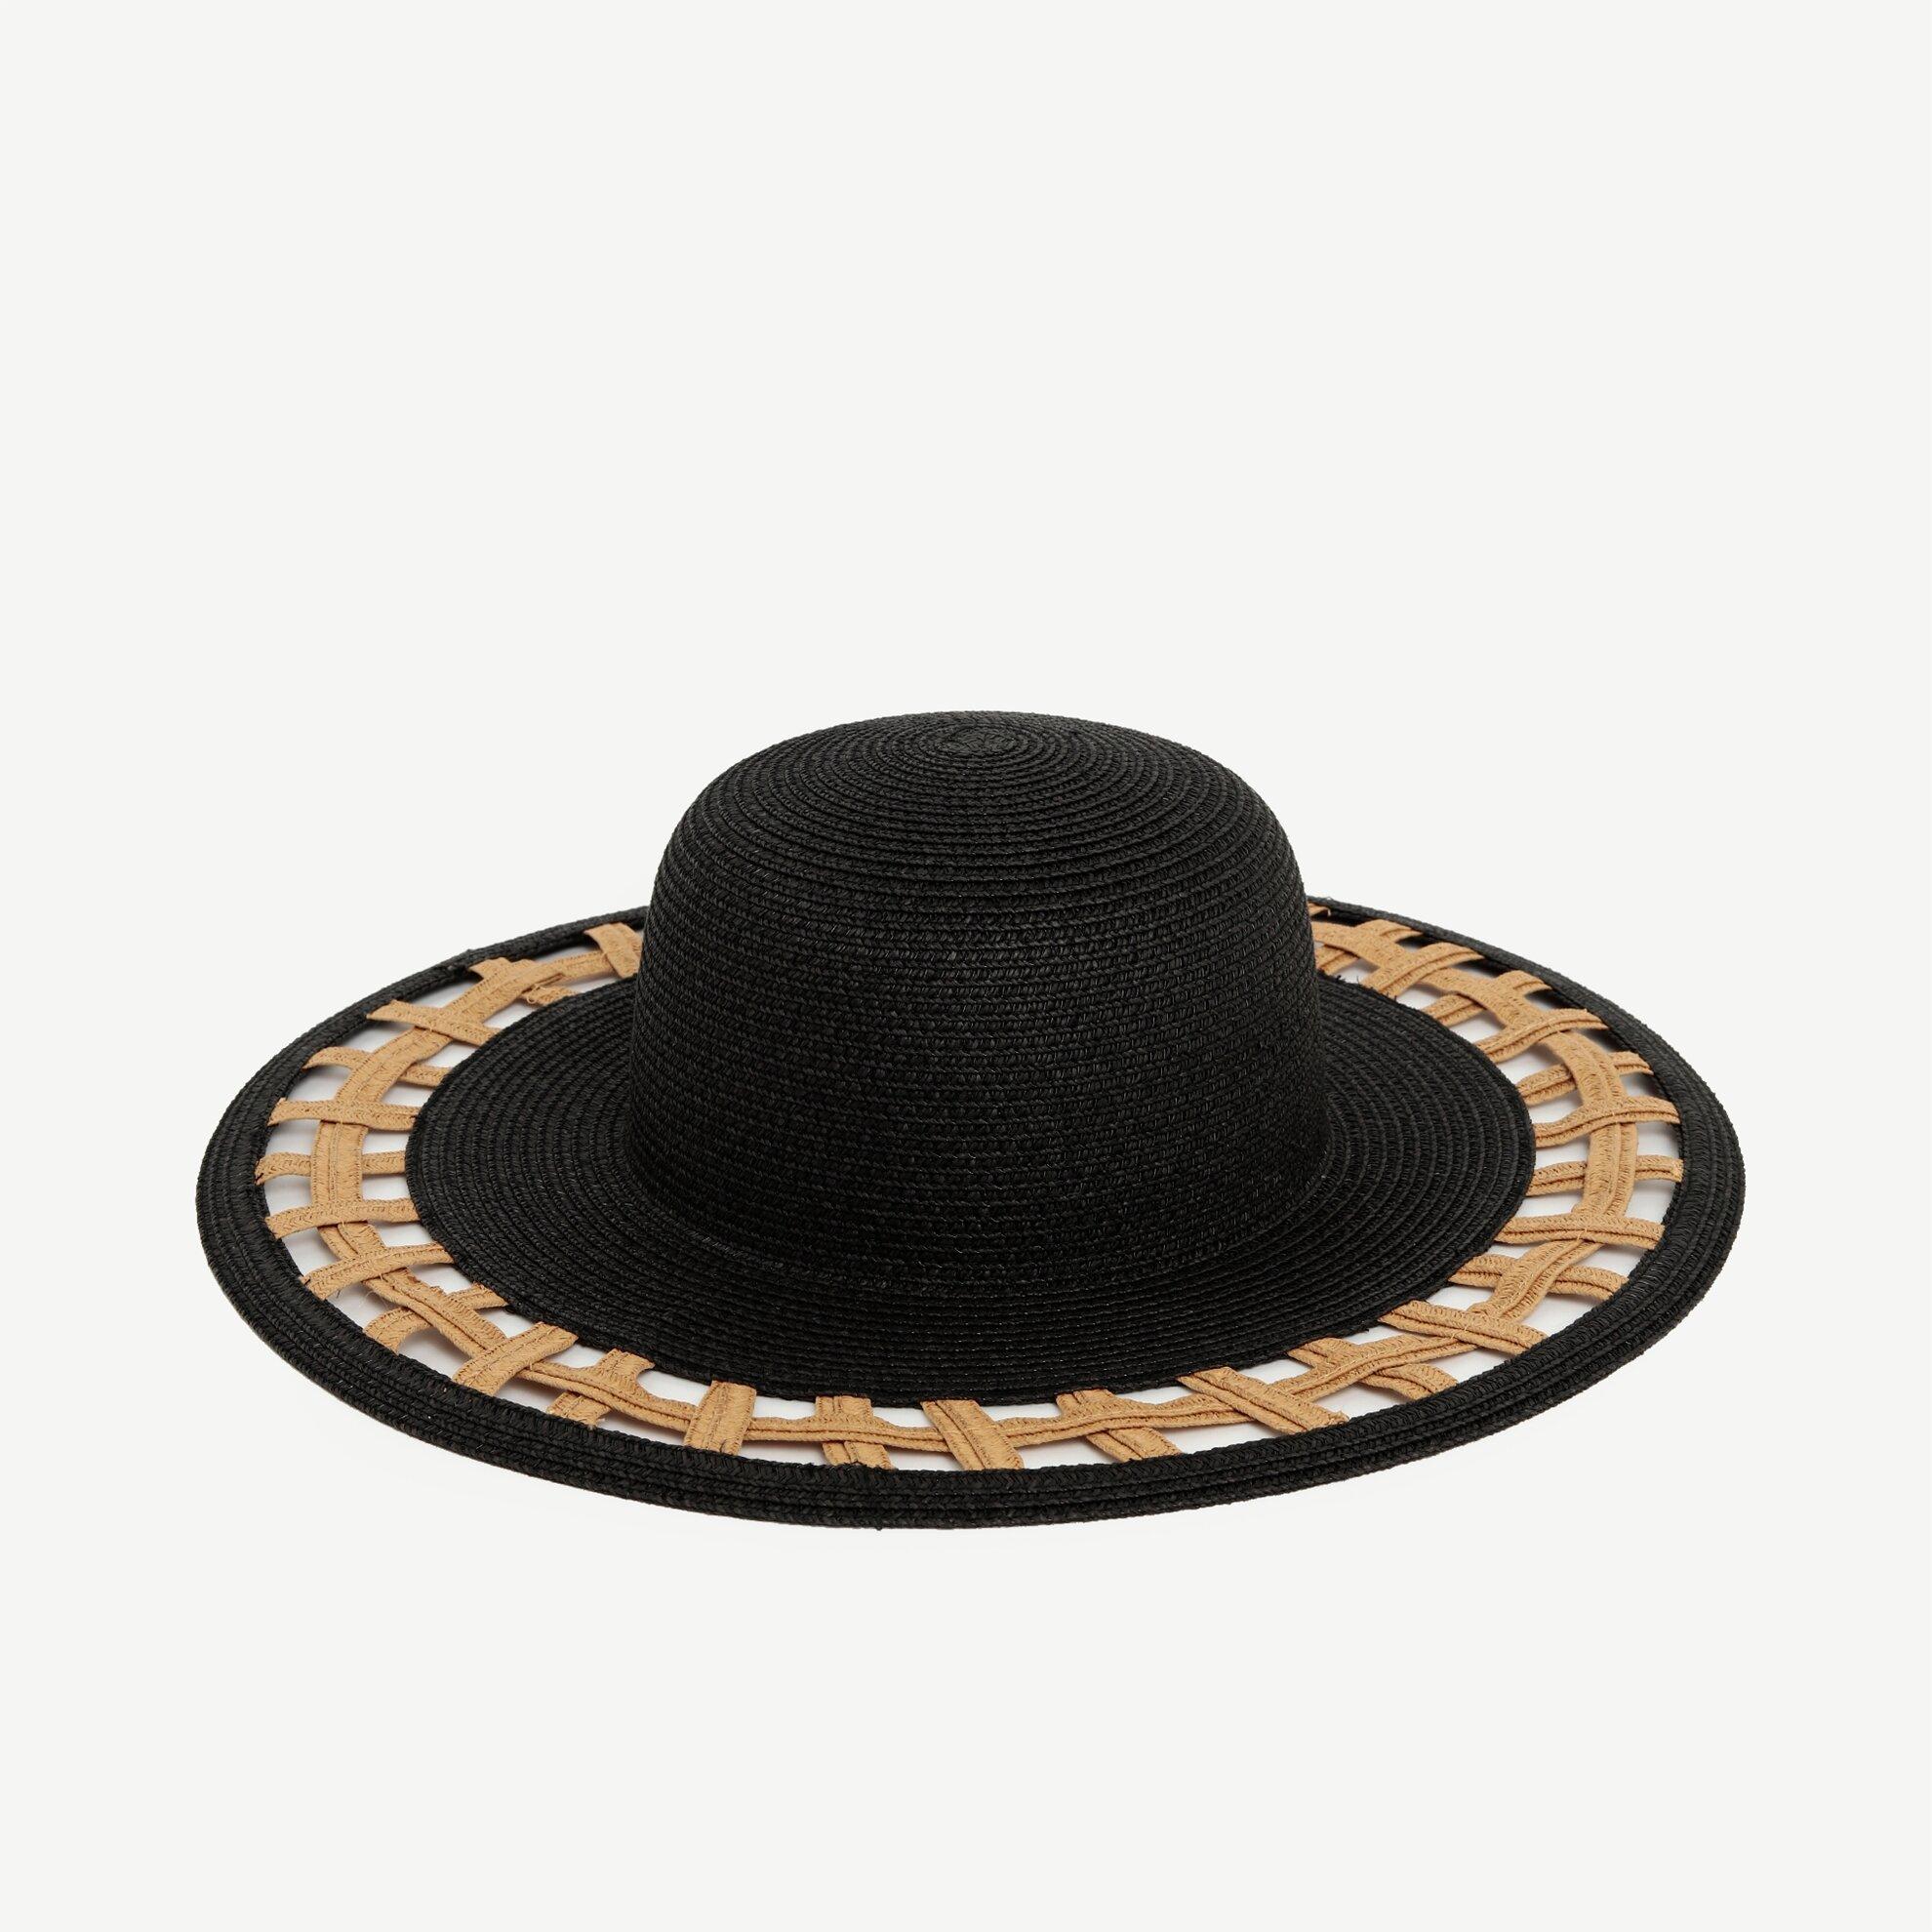 İki Renkli Hasır Şapka